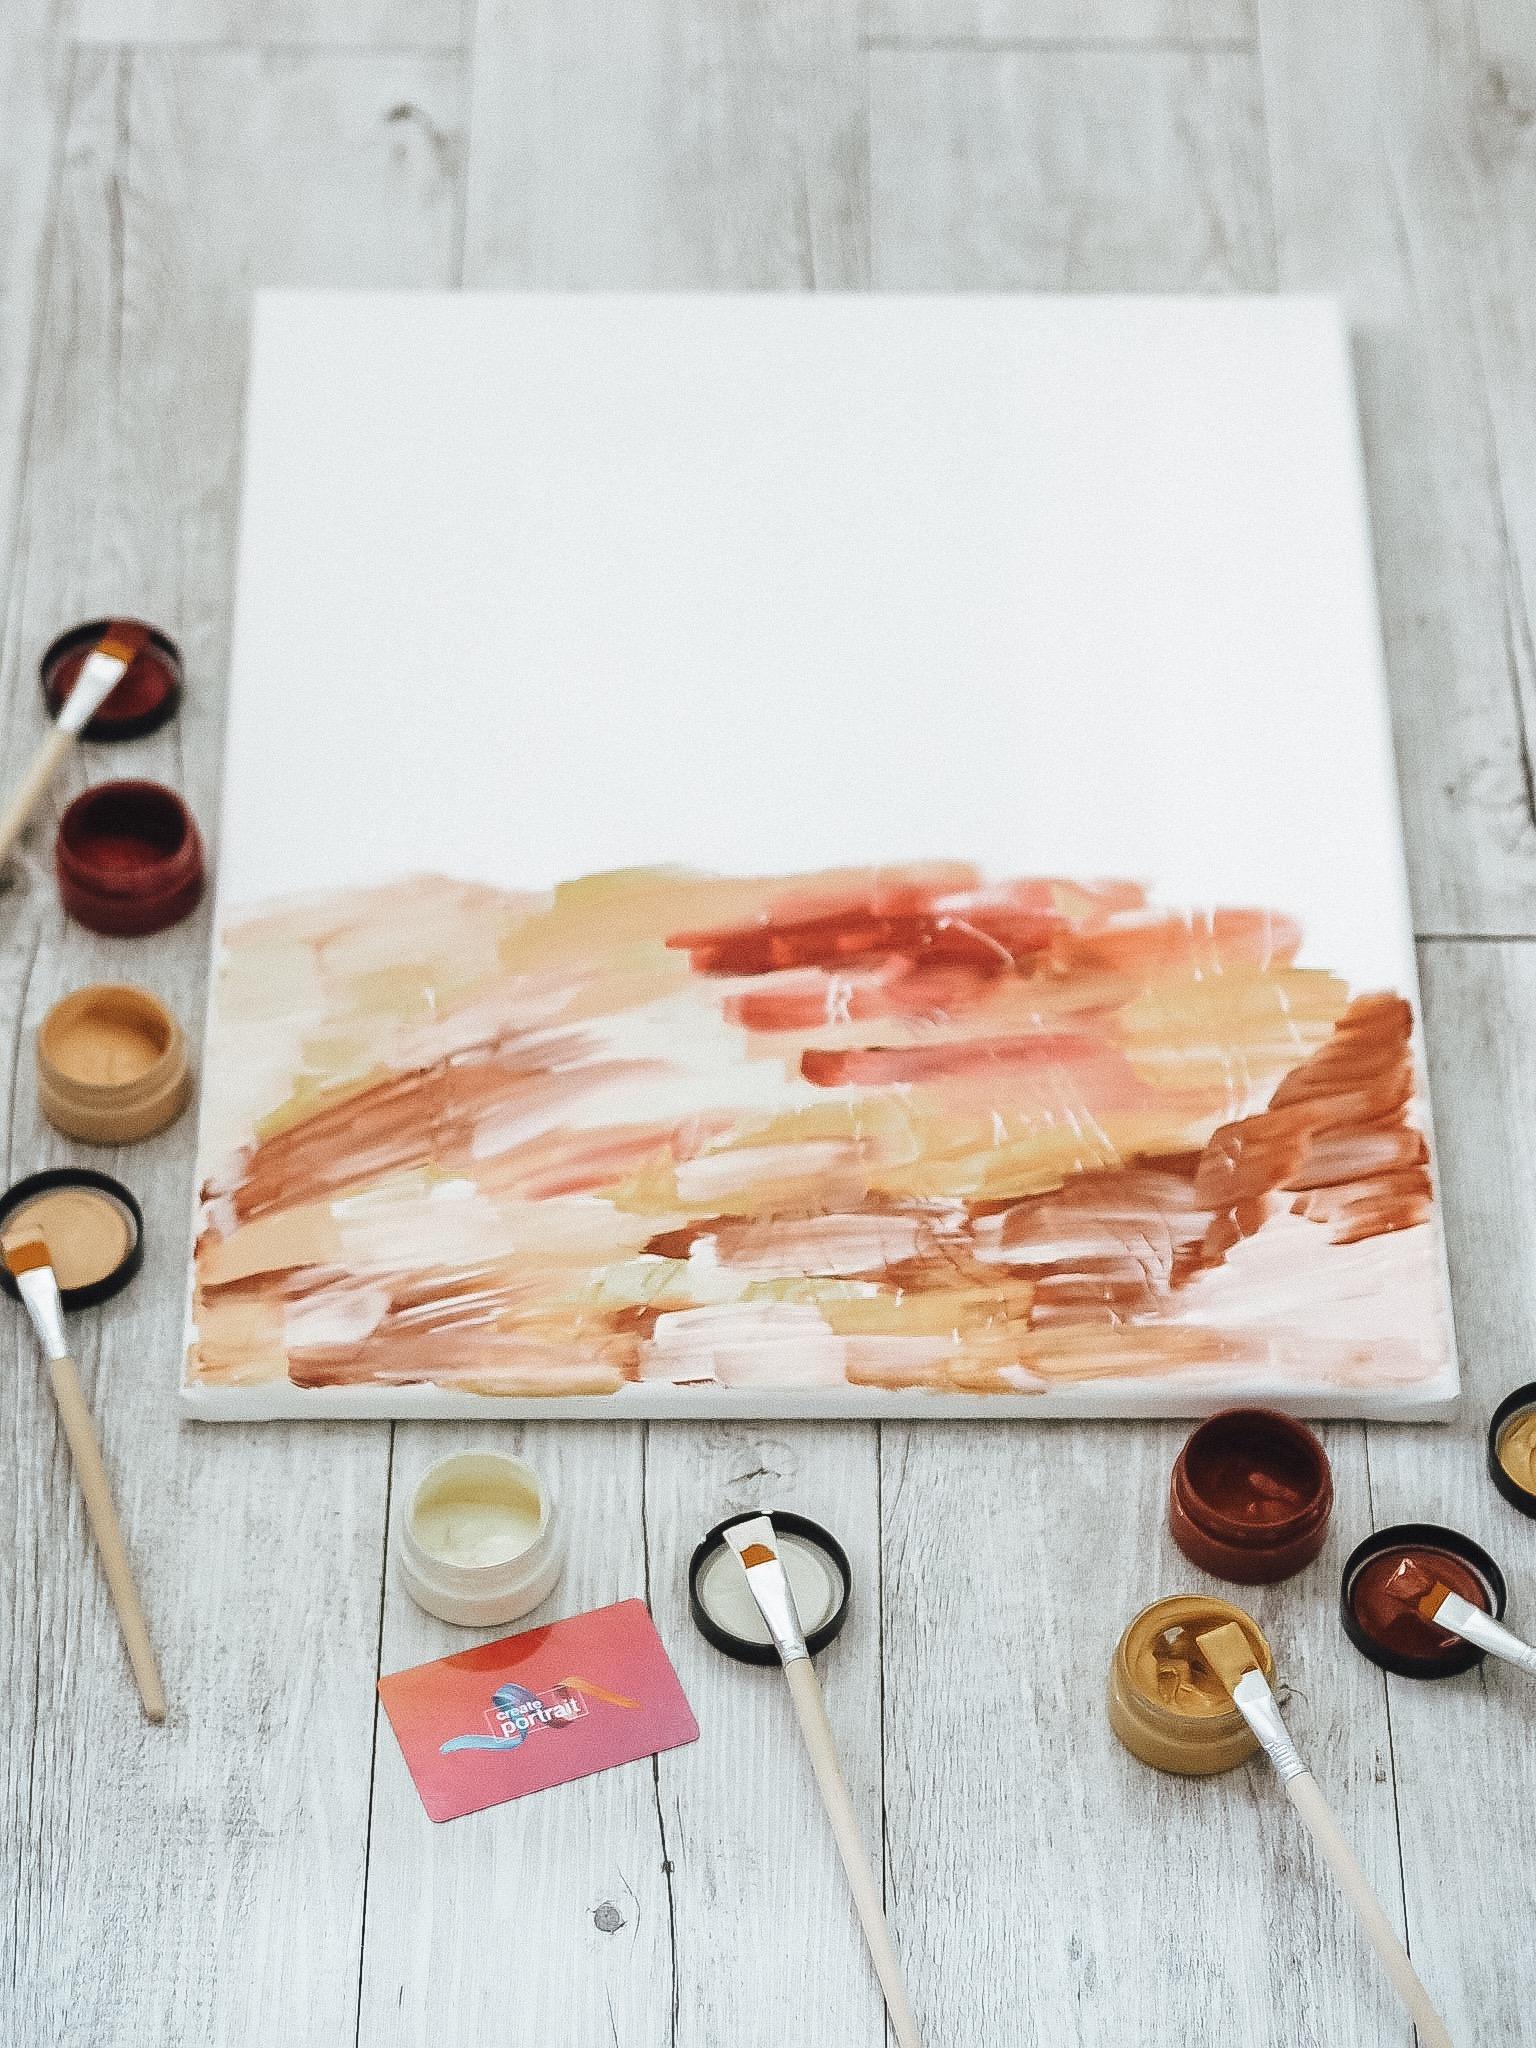 Mit Create Portrait kann jeder, ohne ein Künstler zu sein kreativ werden und ein schönes Portrait im Handumdrehen malen. Heute zeige ich alles auf dem Blog.